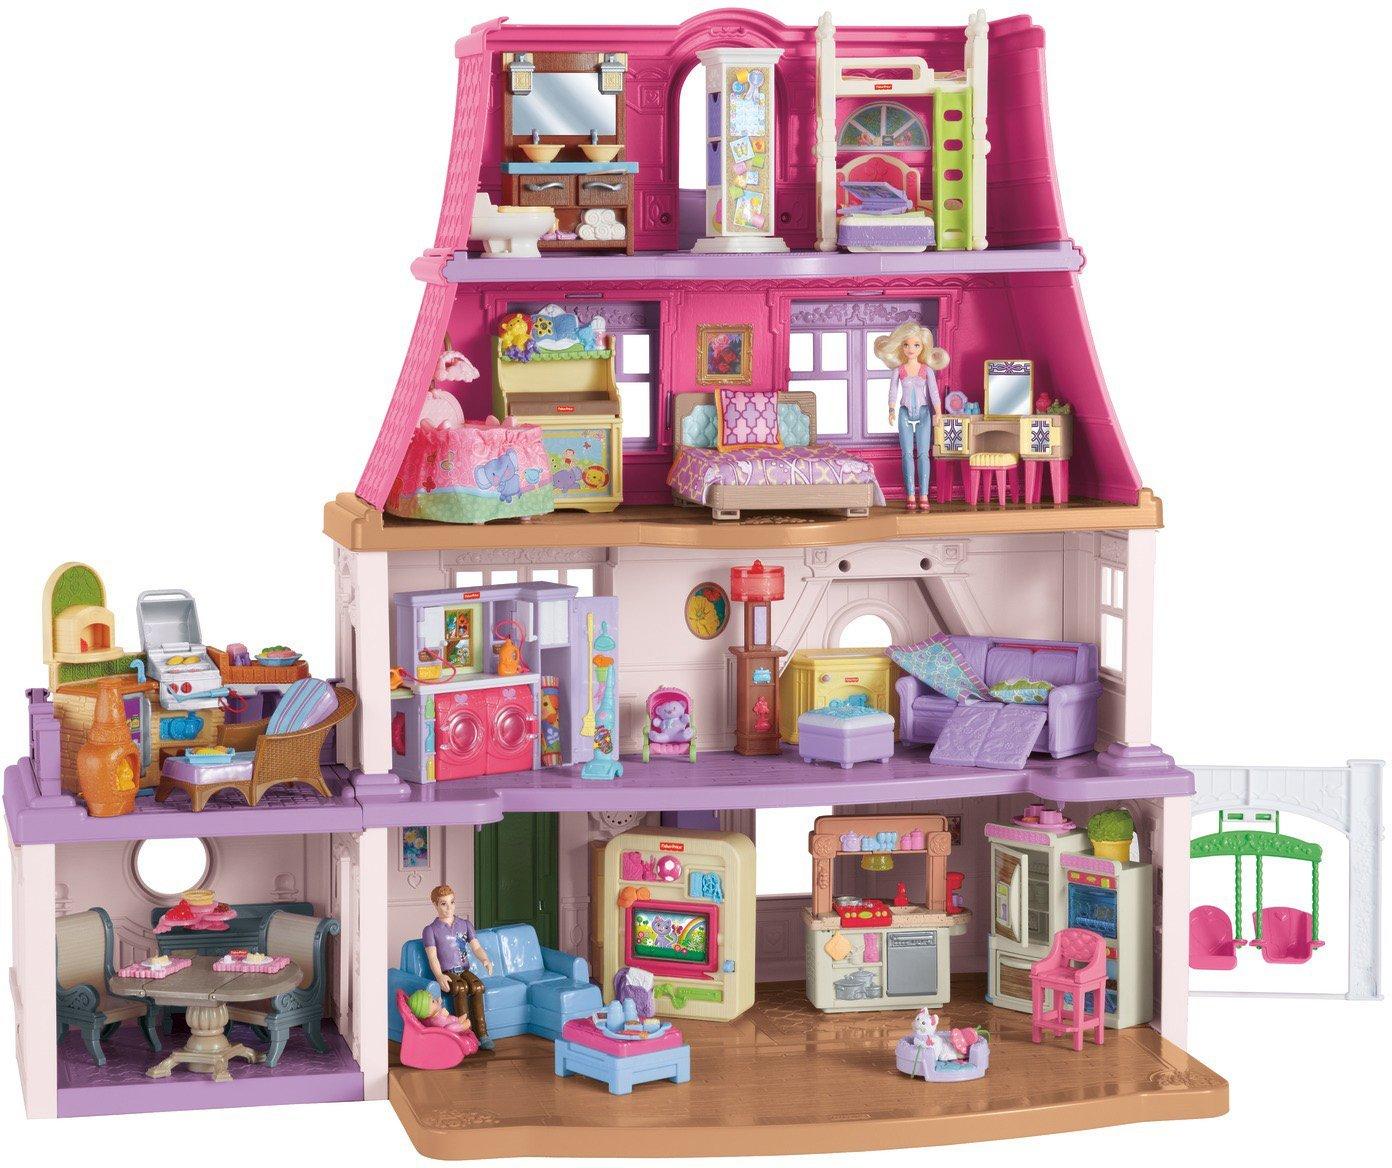 Pilih Mainan yang Sesuai Usia - Tips-Tips yang Perlu Diperhatikan dalam Memilih Mainan Anak Perempuan